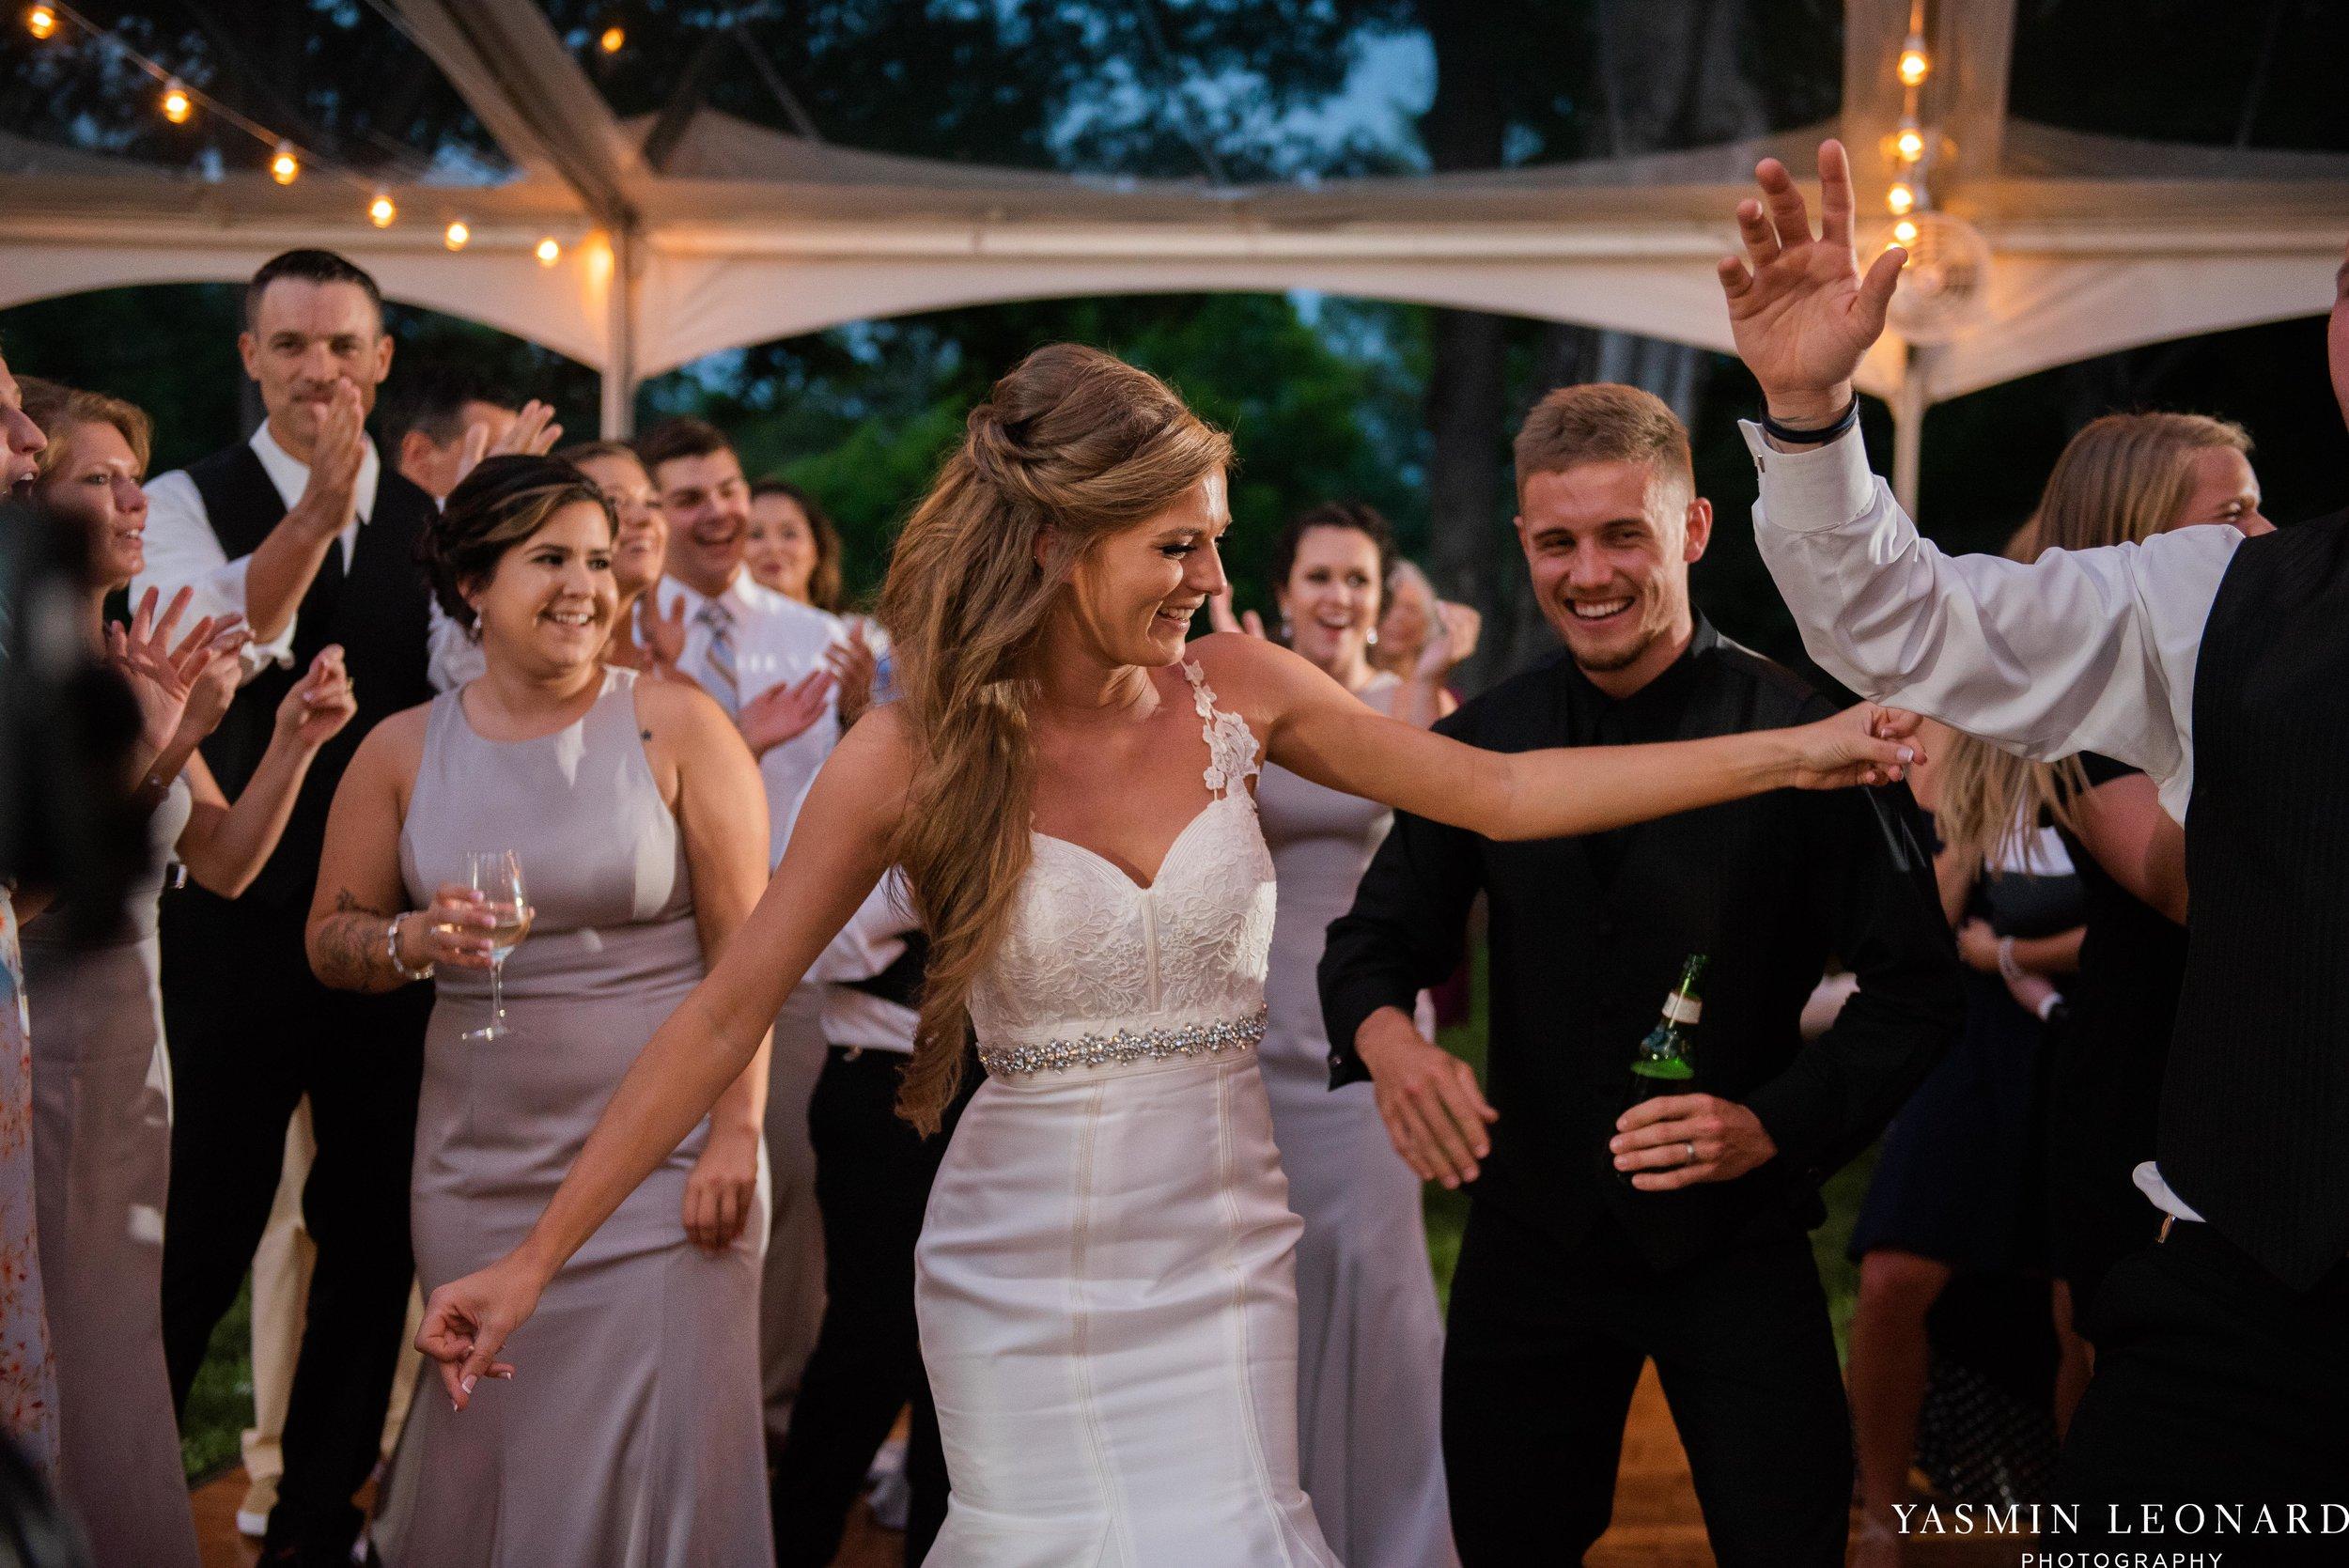 Boxwood Estate - Boxwood Estate Wedding - Luxury Wedding - Black and White Wedding - NC Wedding Venues - NC Weddings - NC Photographer - Lantern Release Grand Exit - Large Wedding Party - Yasmin Leonard Photography-74.jpg